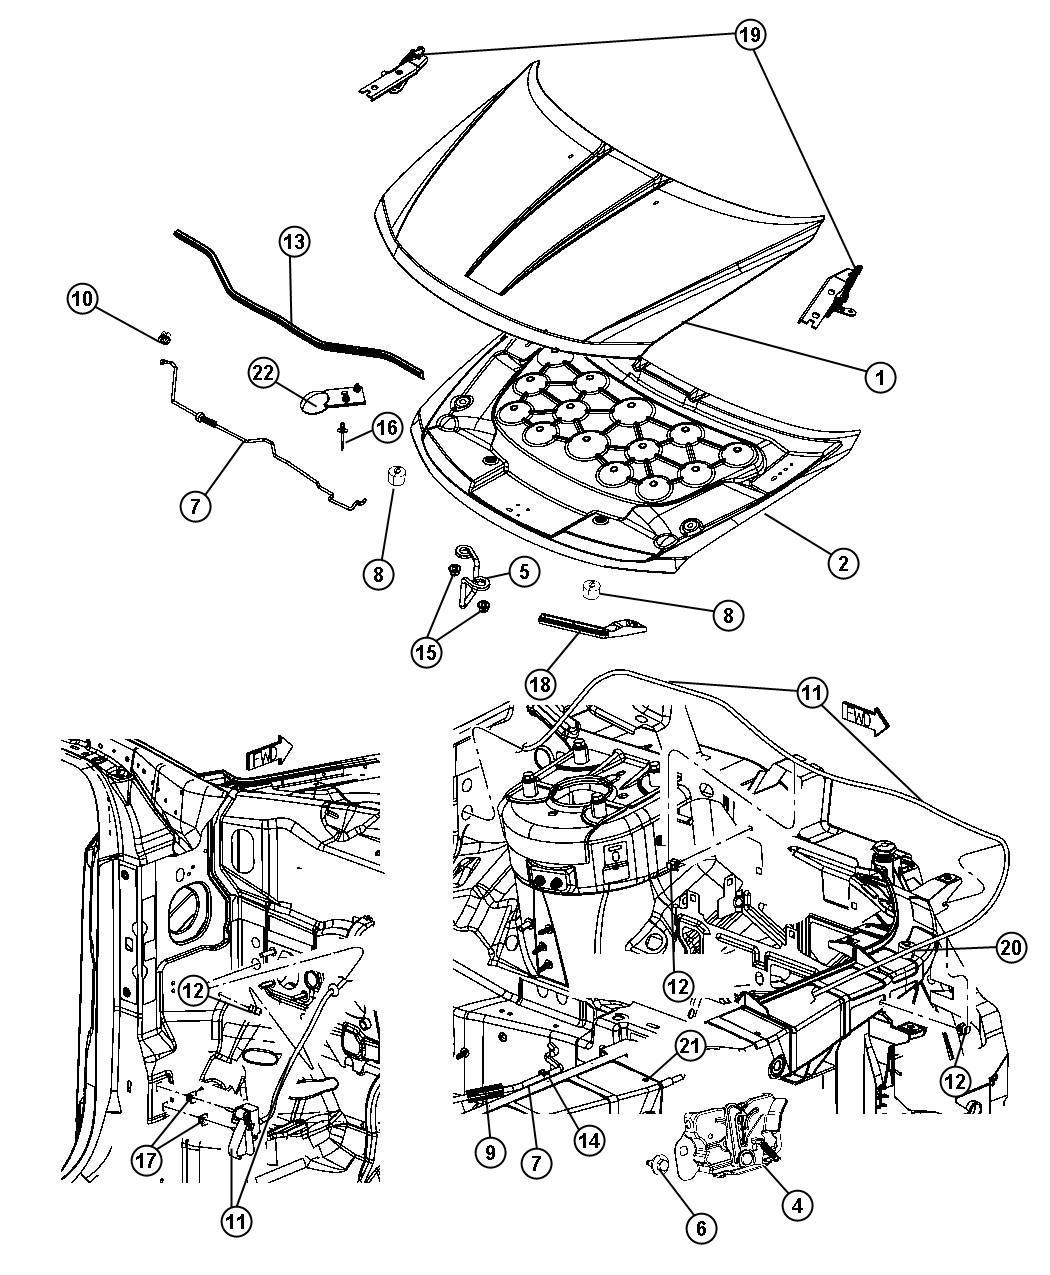 2008 ford focus fuse diagram u2014 ricks free auto repair